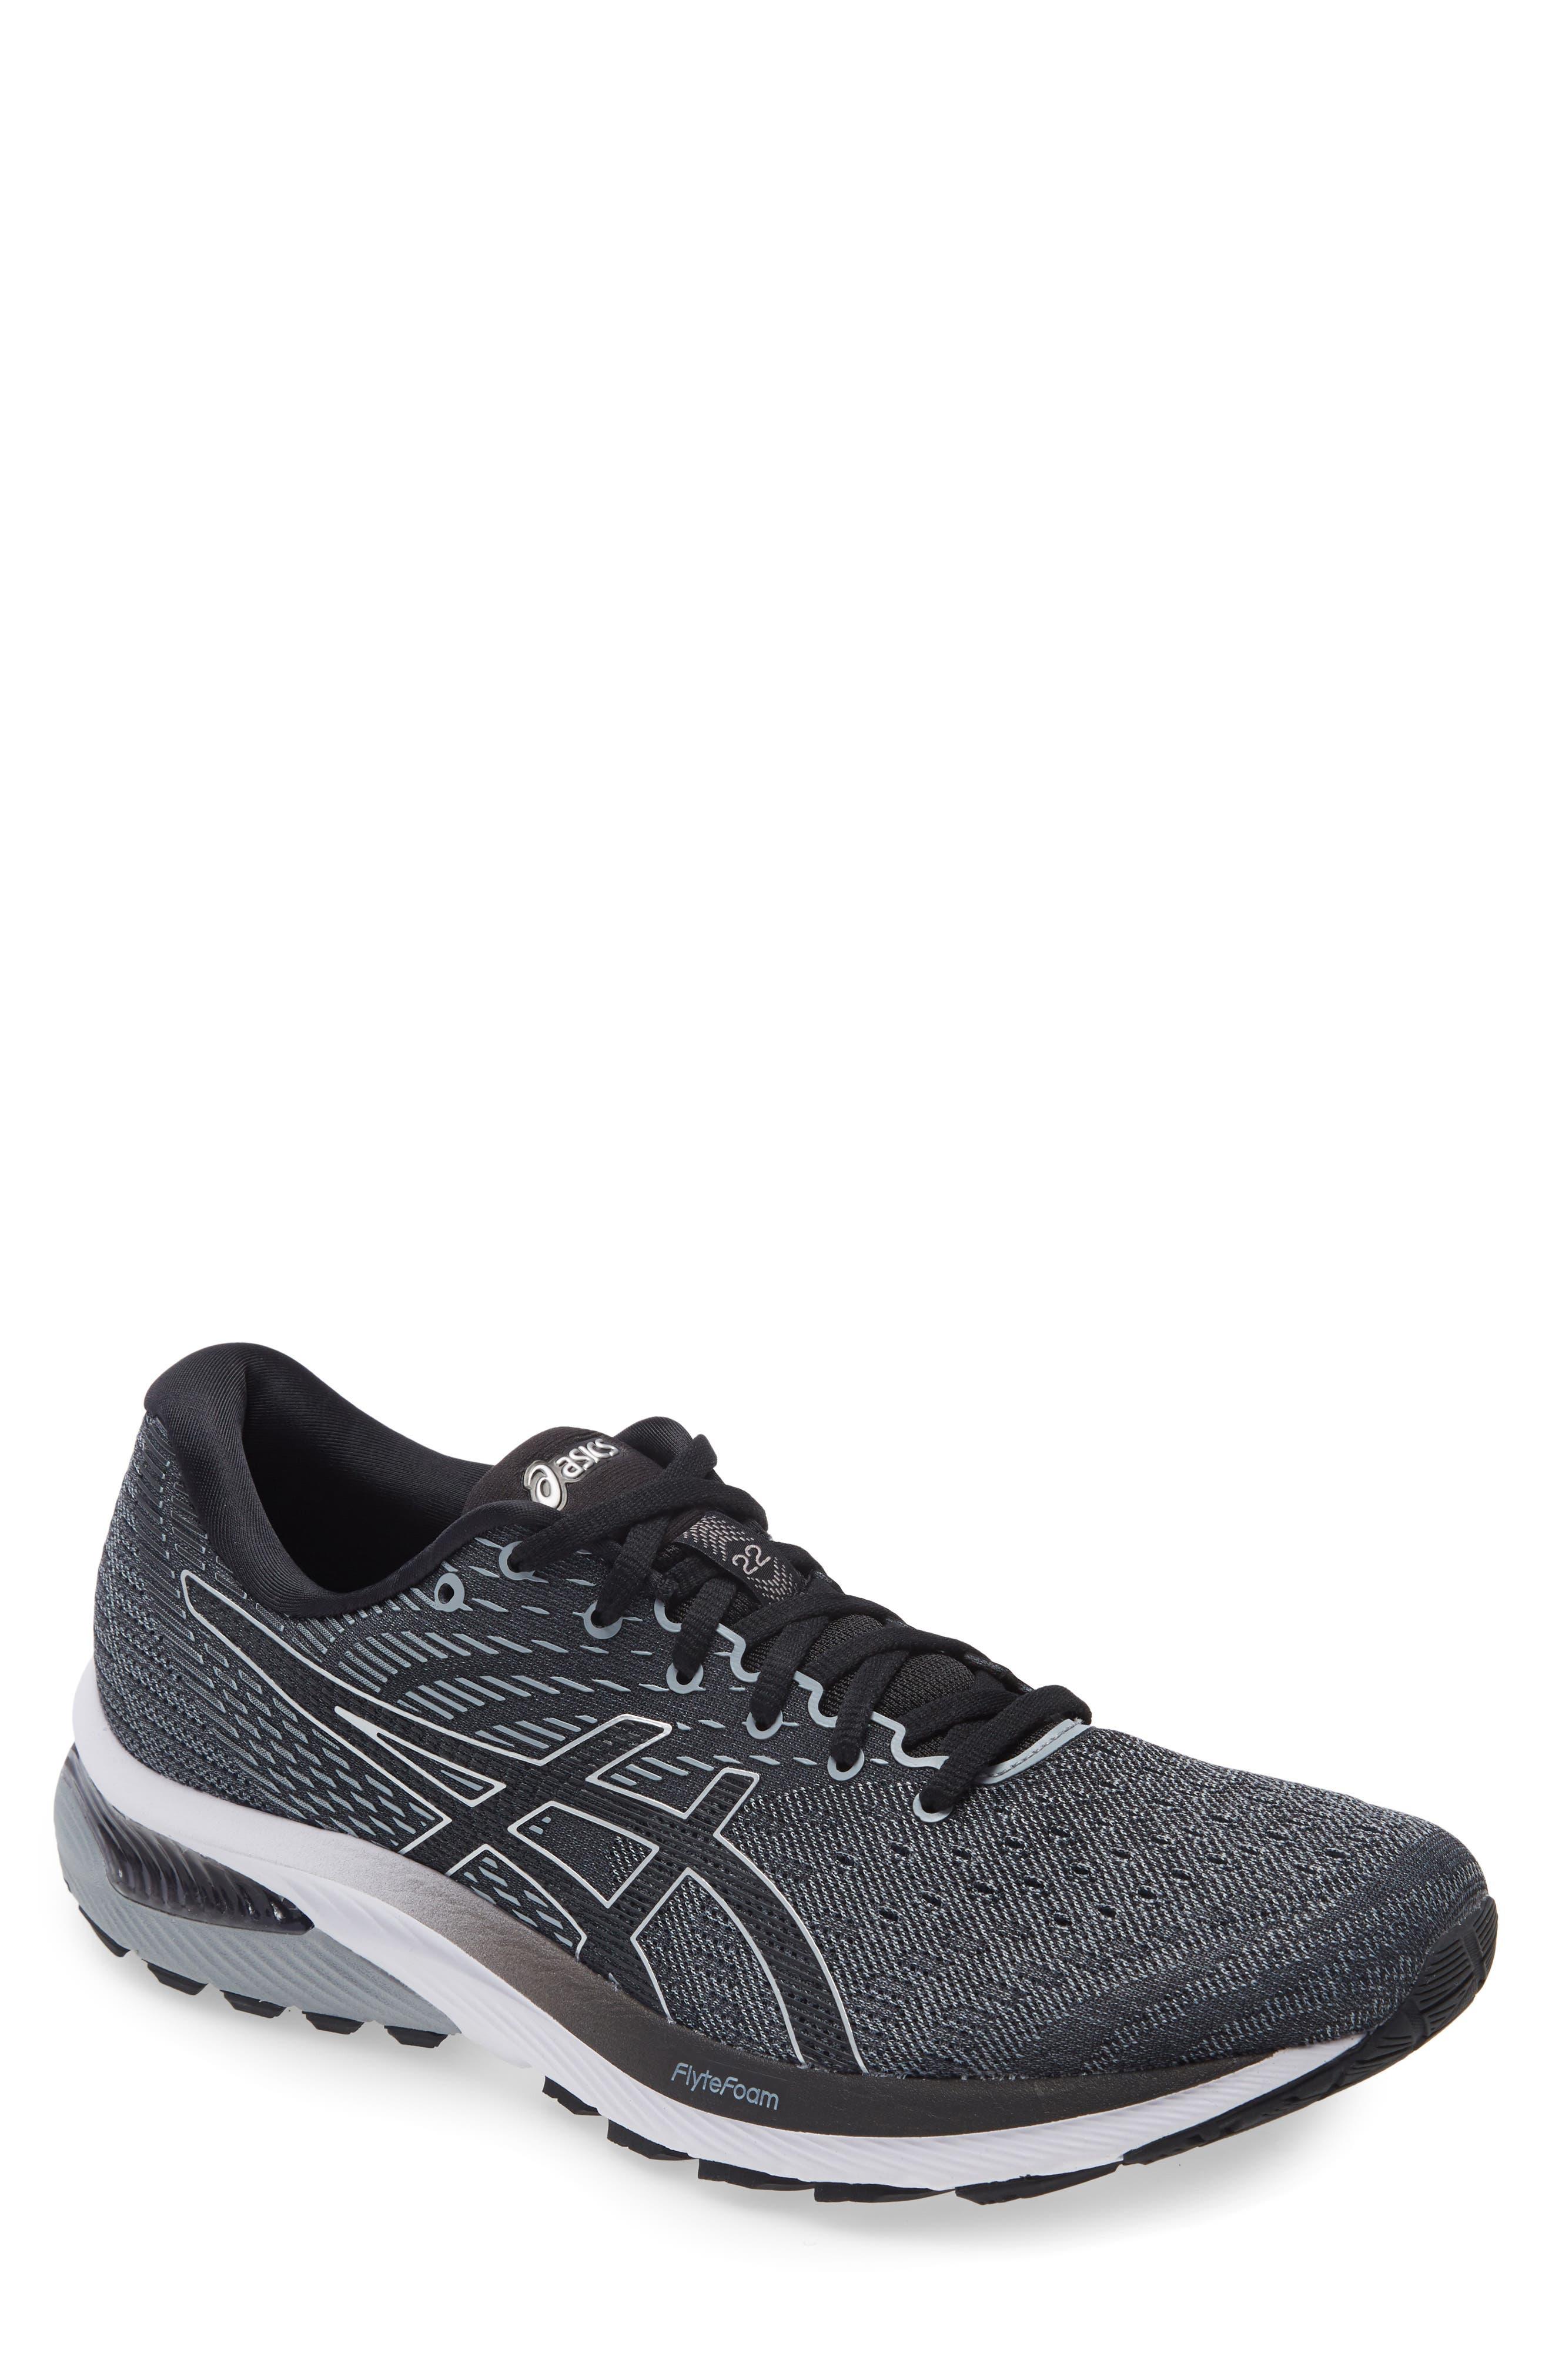 Men's Asics Gel-Cumulus 22 Running Shoe